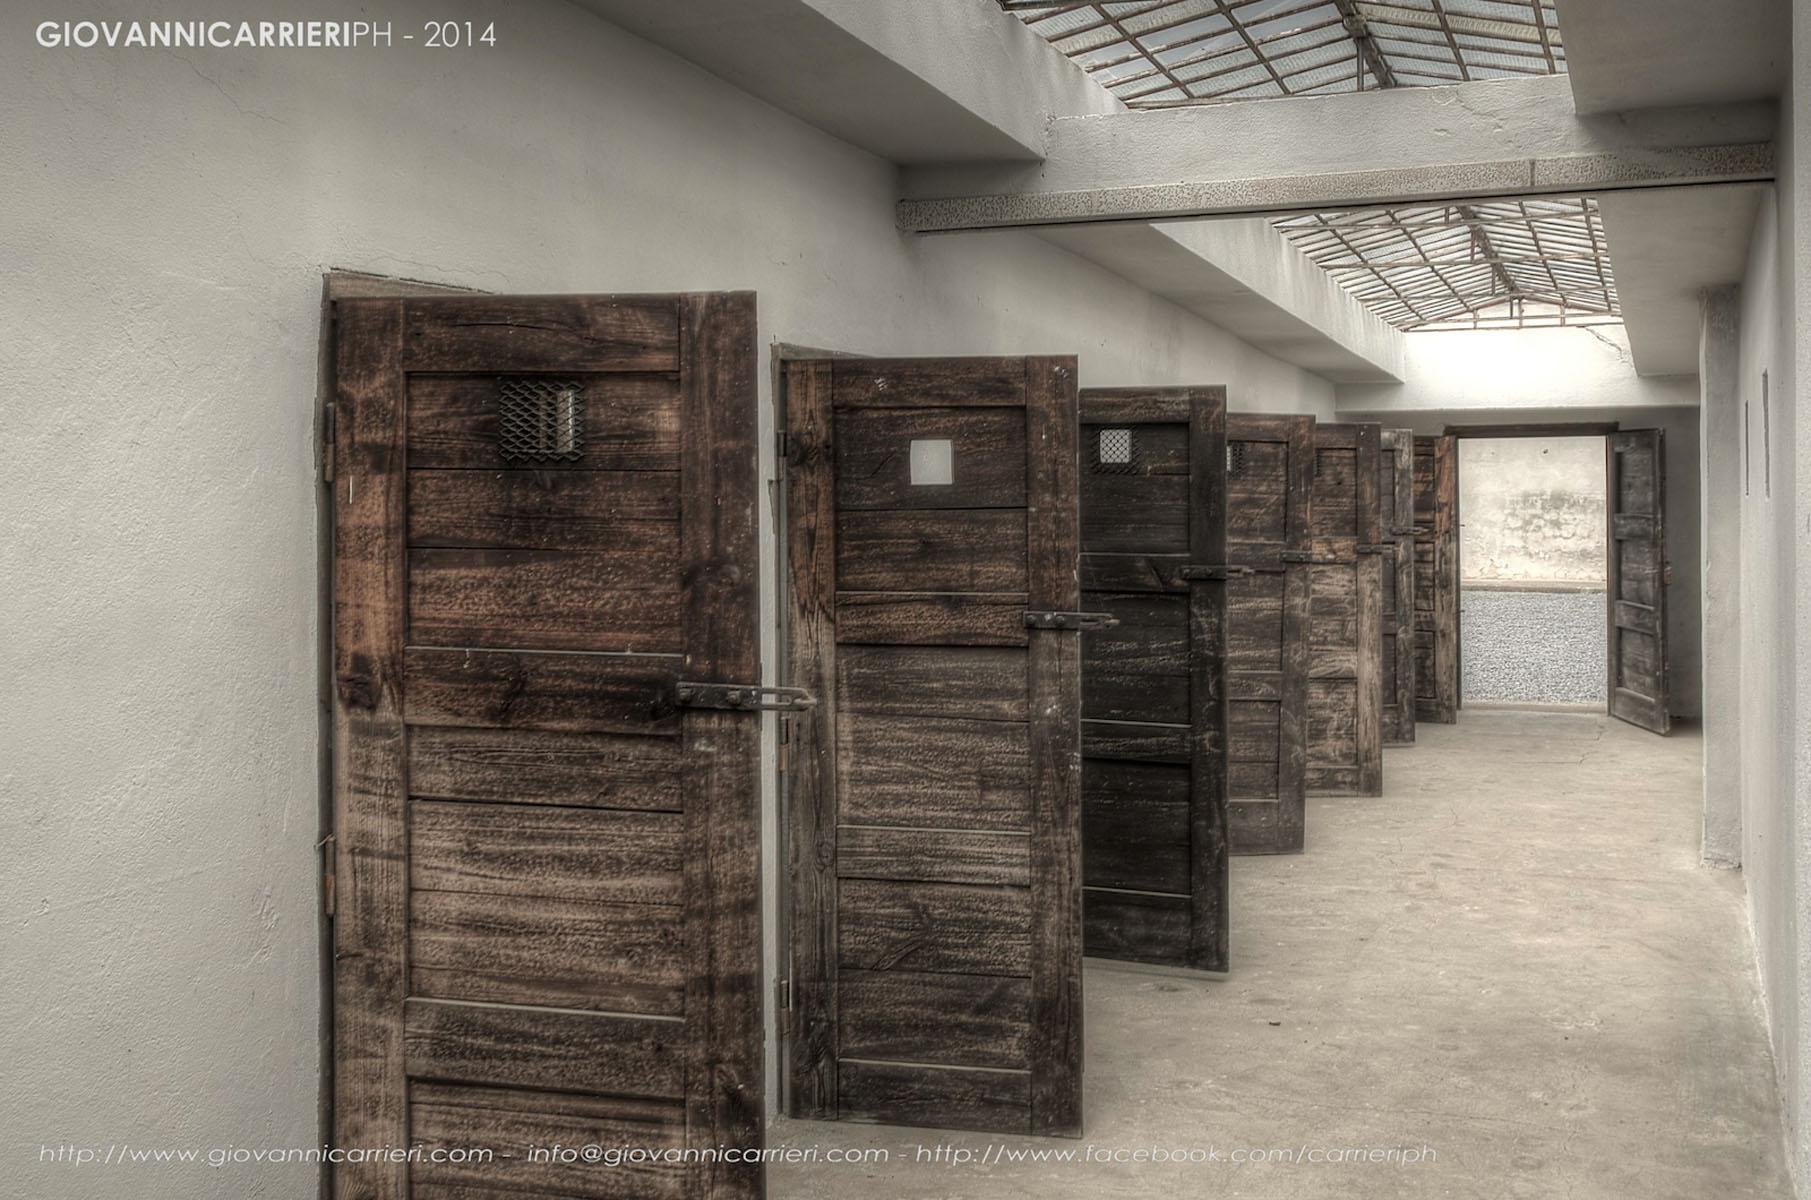 Le porte delle celle di isolamento - Theresienstadt